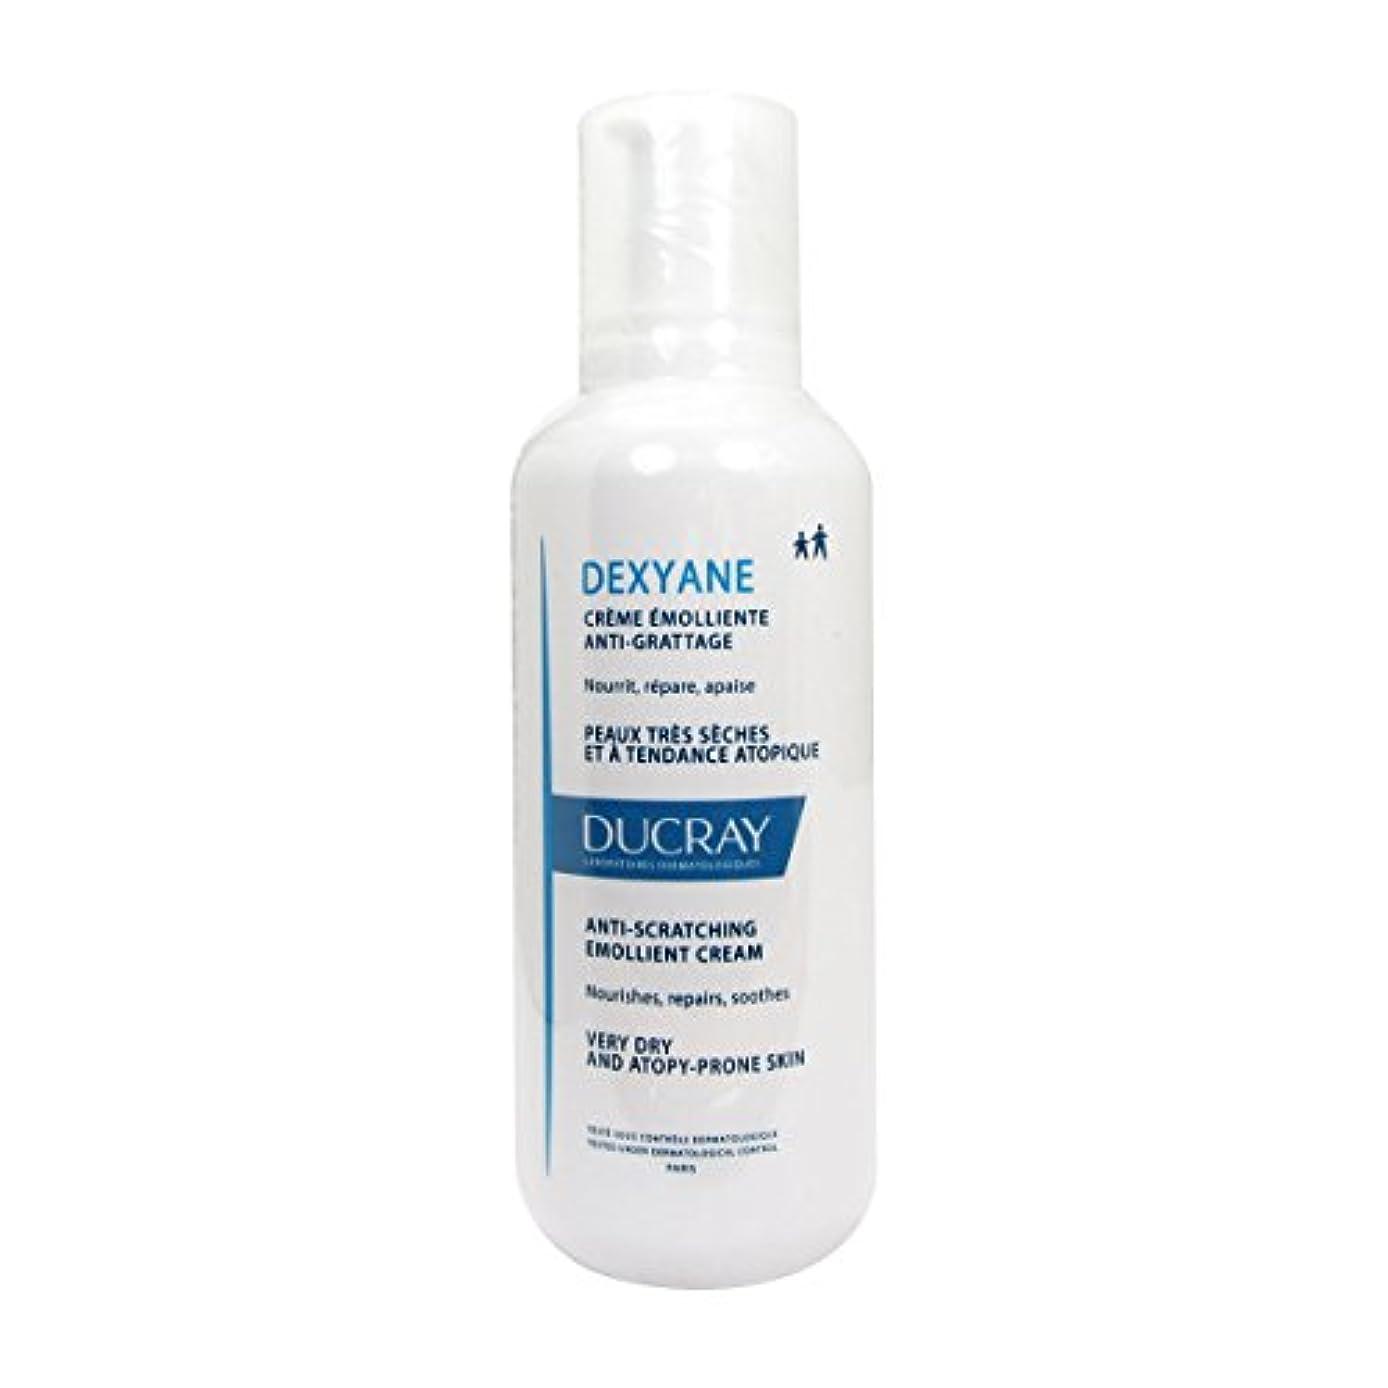 サミット不機嫌そうな爆発物Ducray Dexyane Anti-scratching Emollient Cream 400ml [並行輸入品]